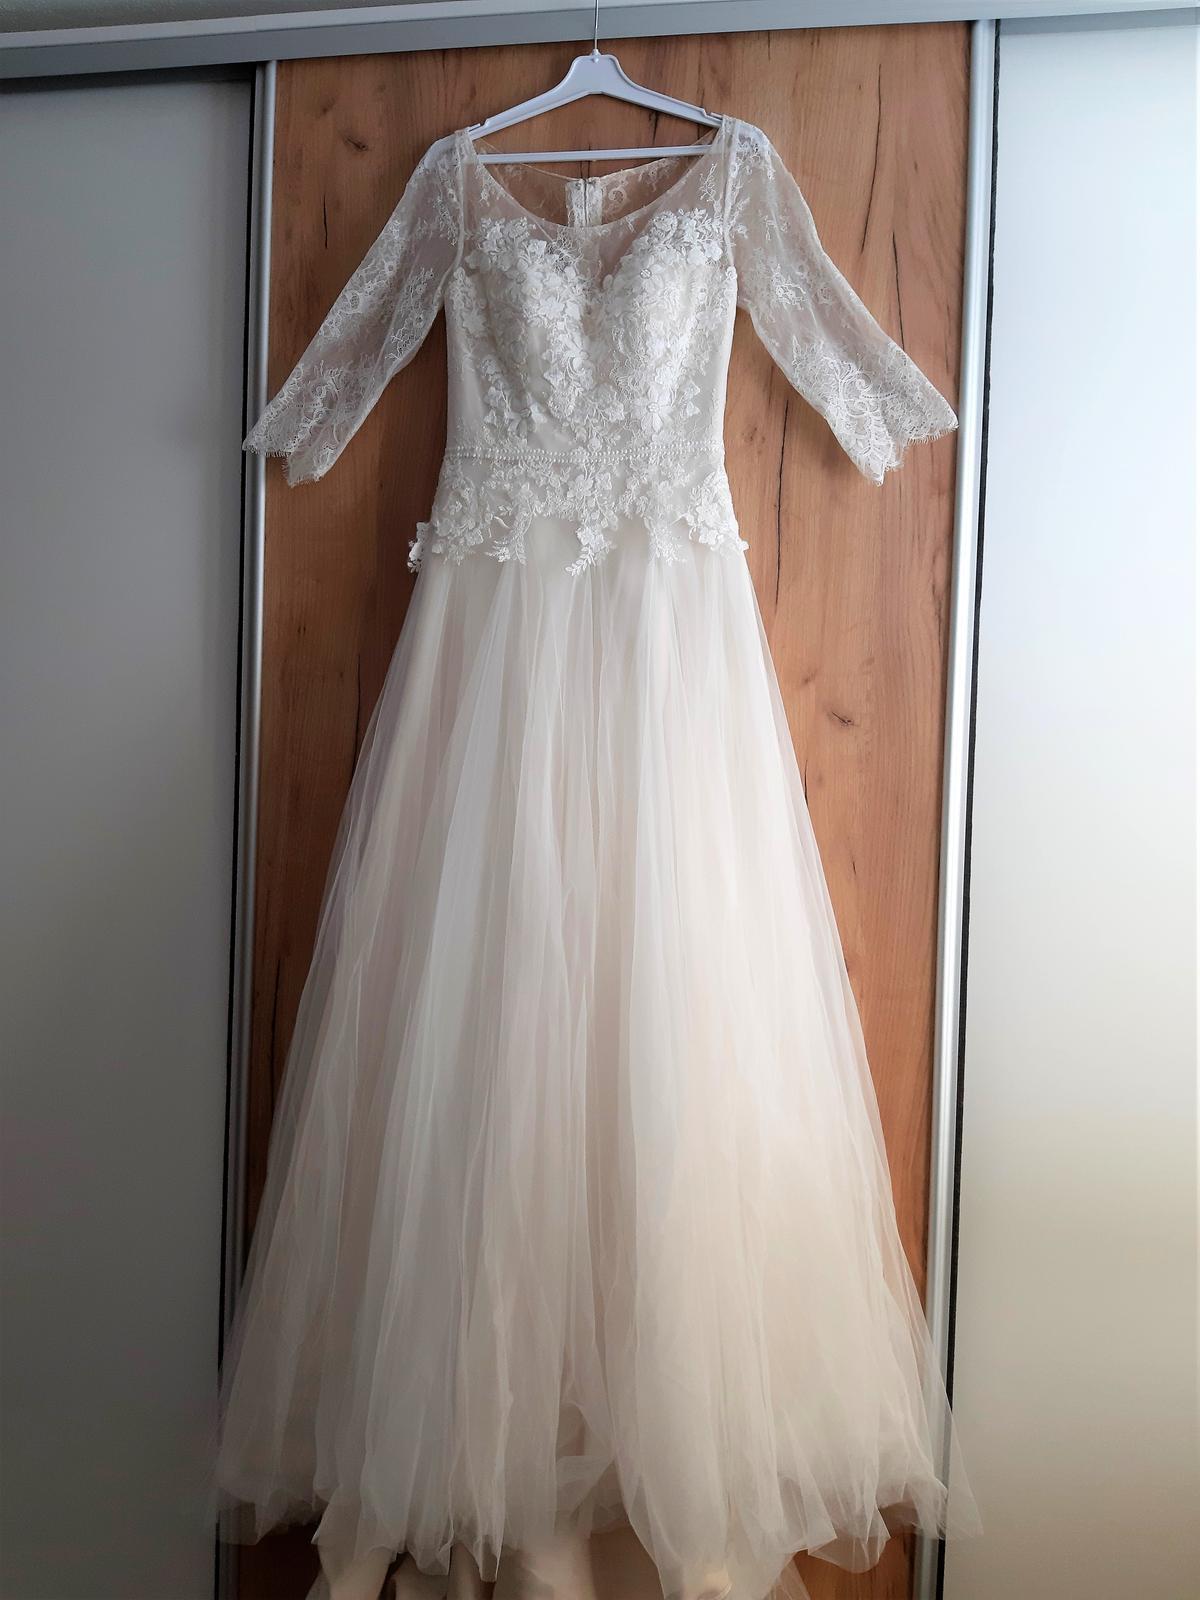 Svatební šaty vel. 40-42 - nepoužité - Obrázek č. 1